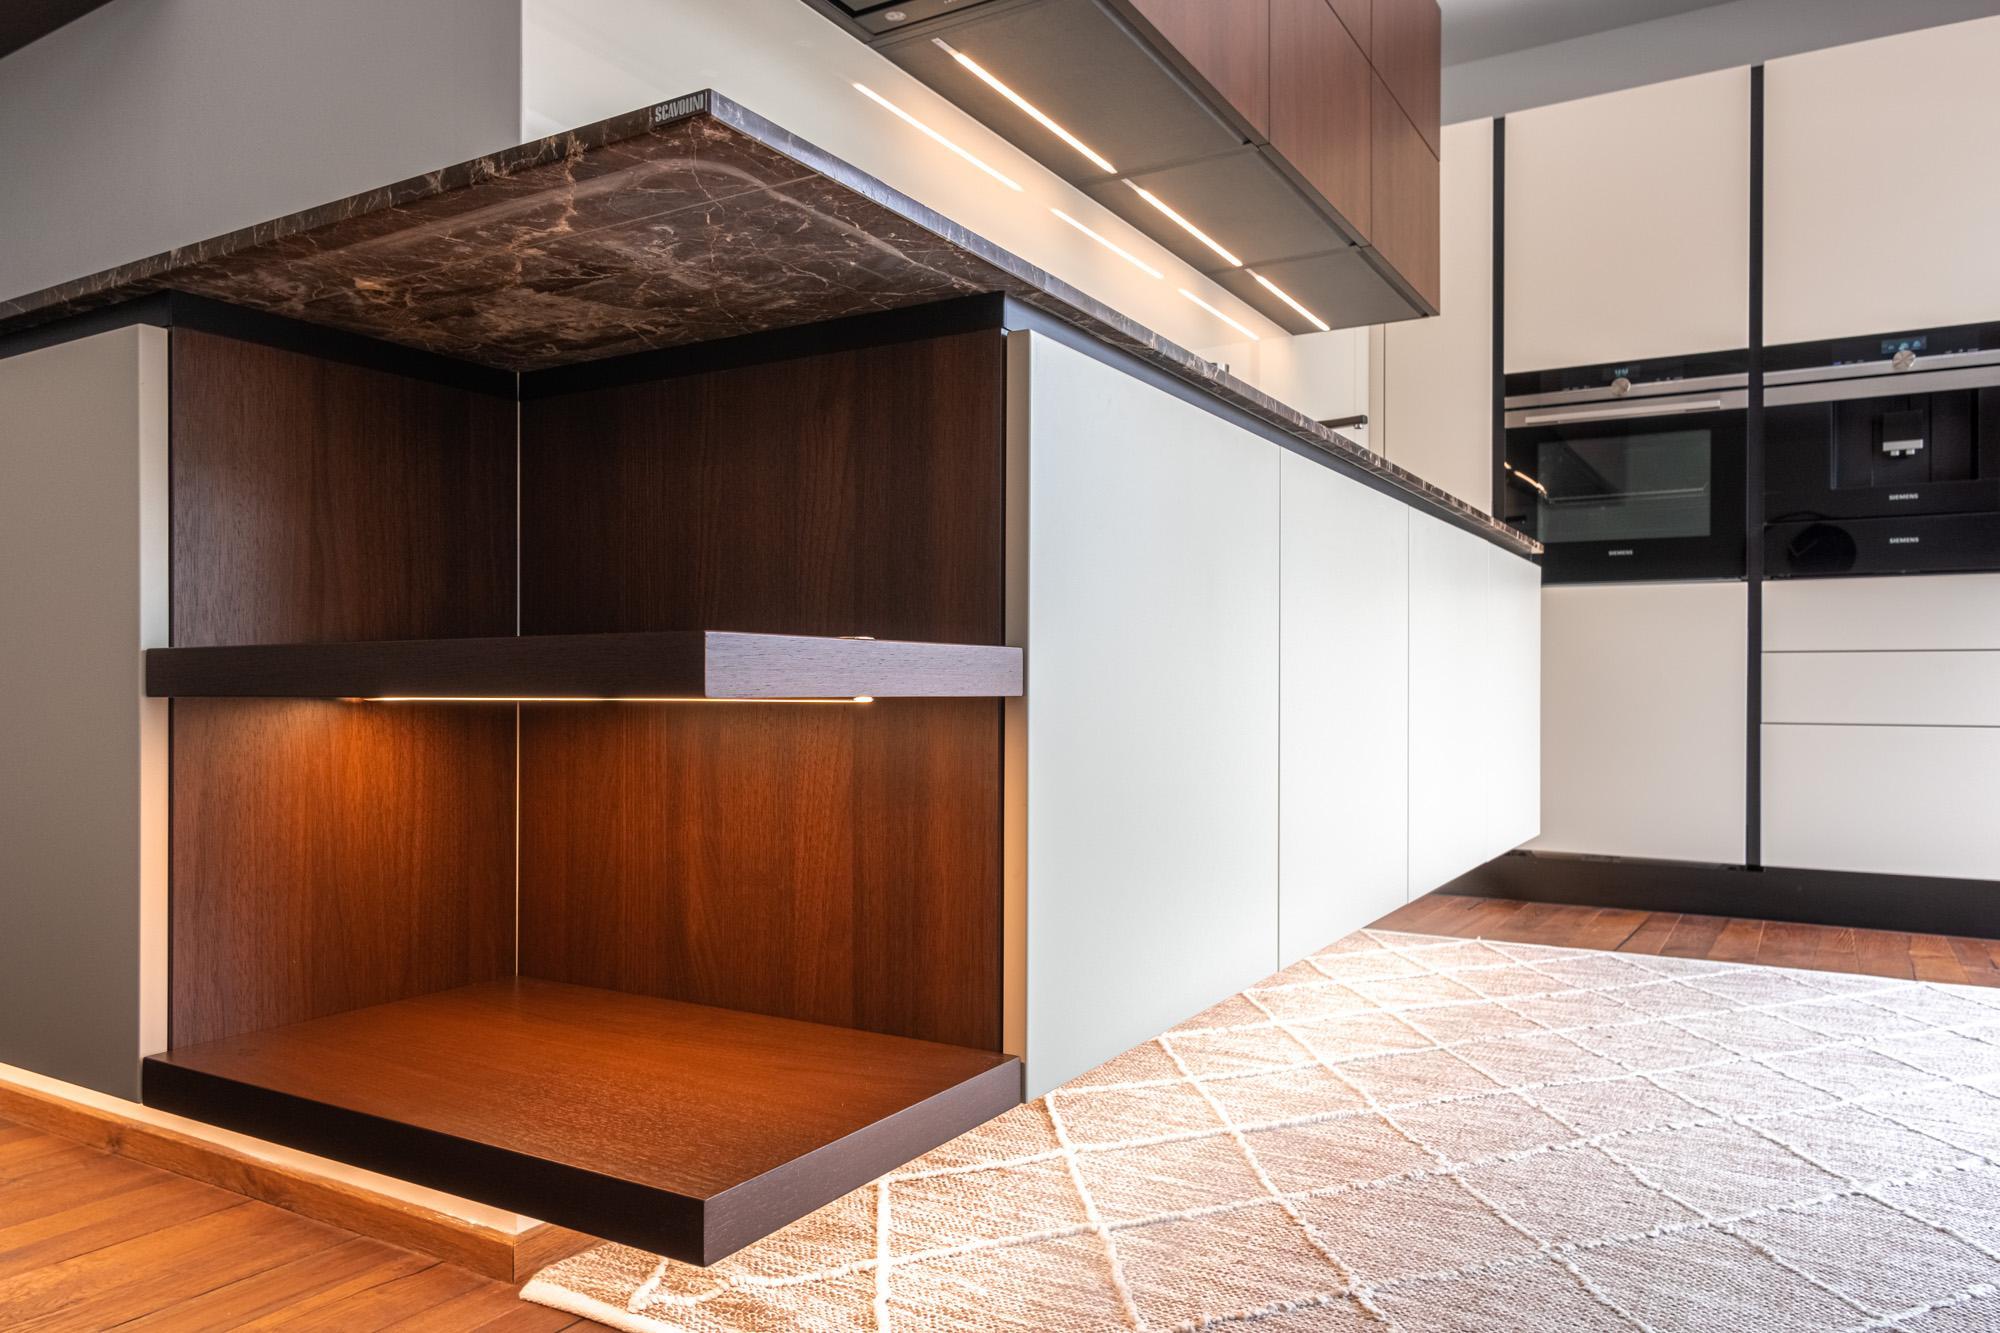 Designový interiér z Decolandu   Realizace kuchyně Scavolini